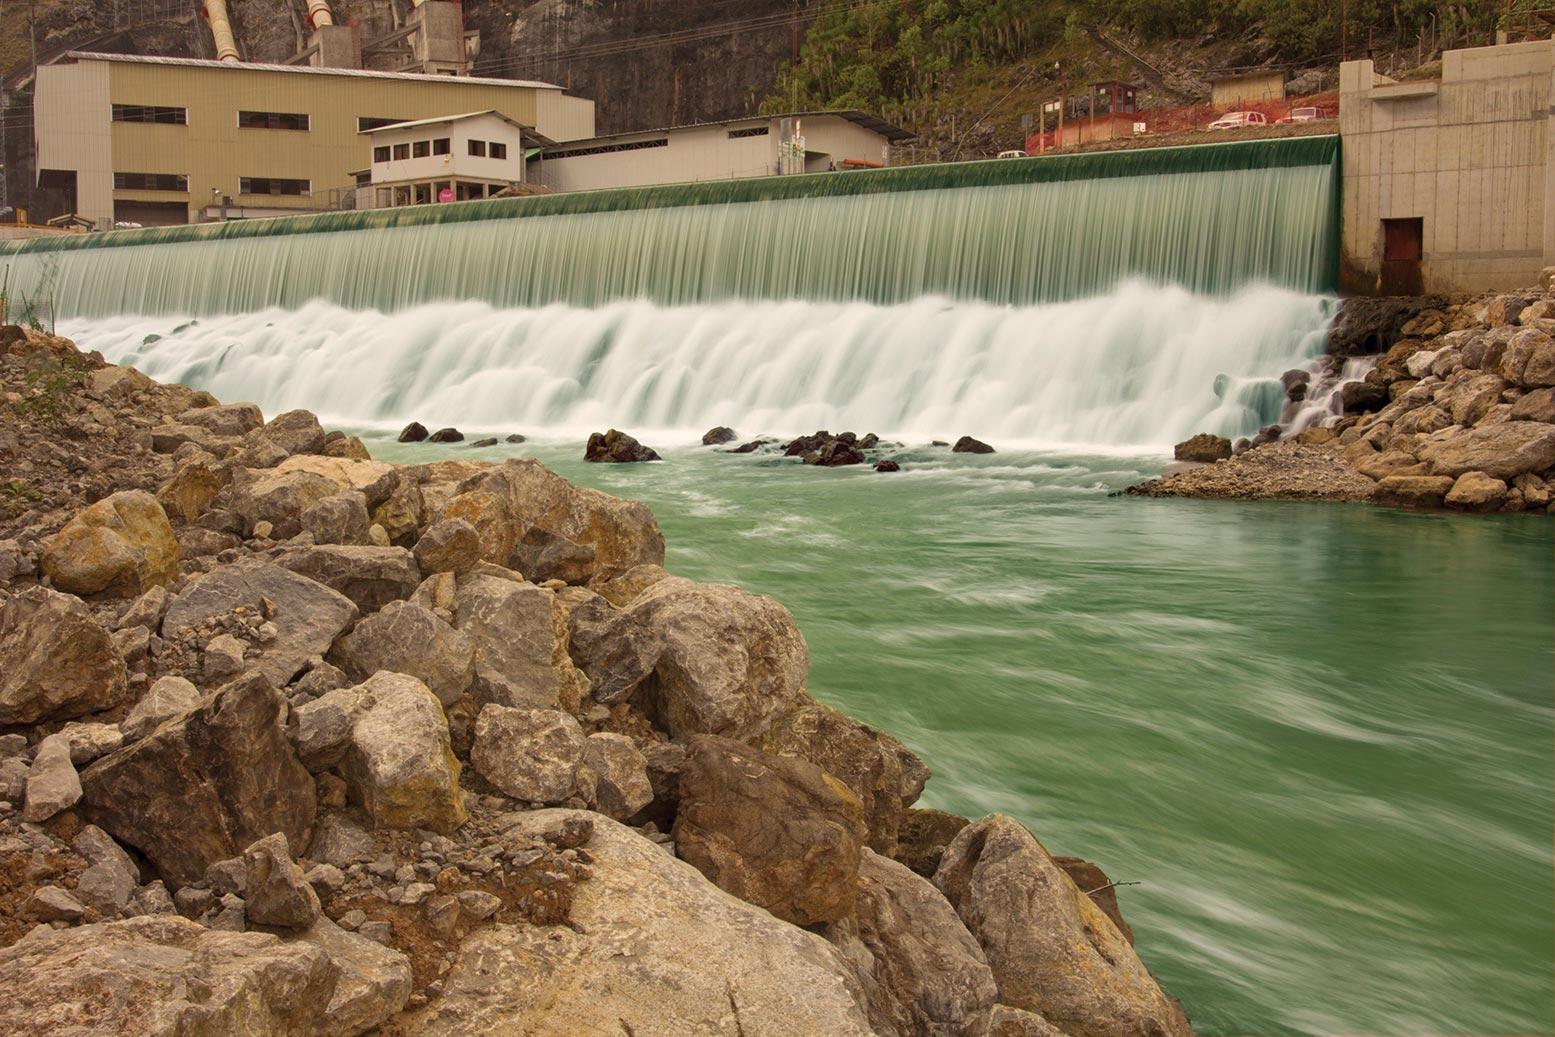 hidrolectrica renace guatemala